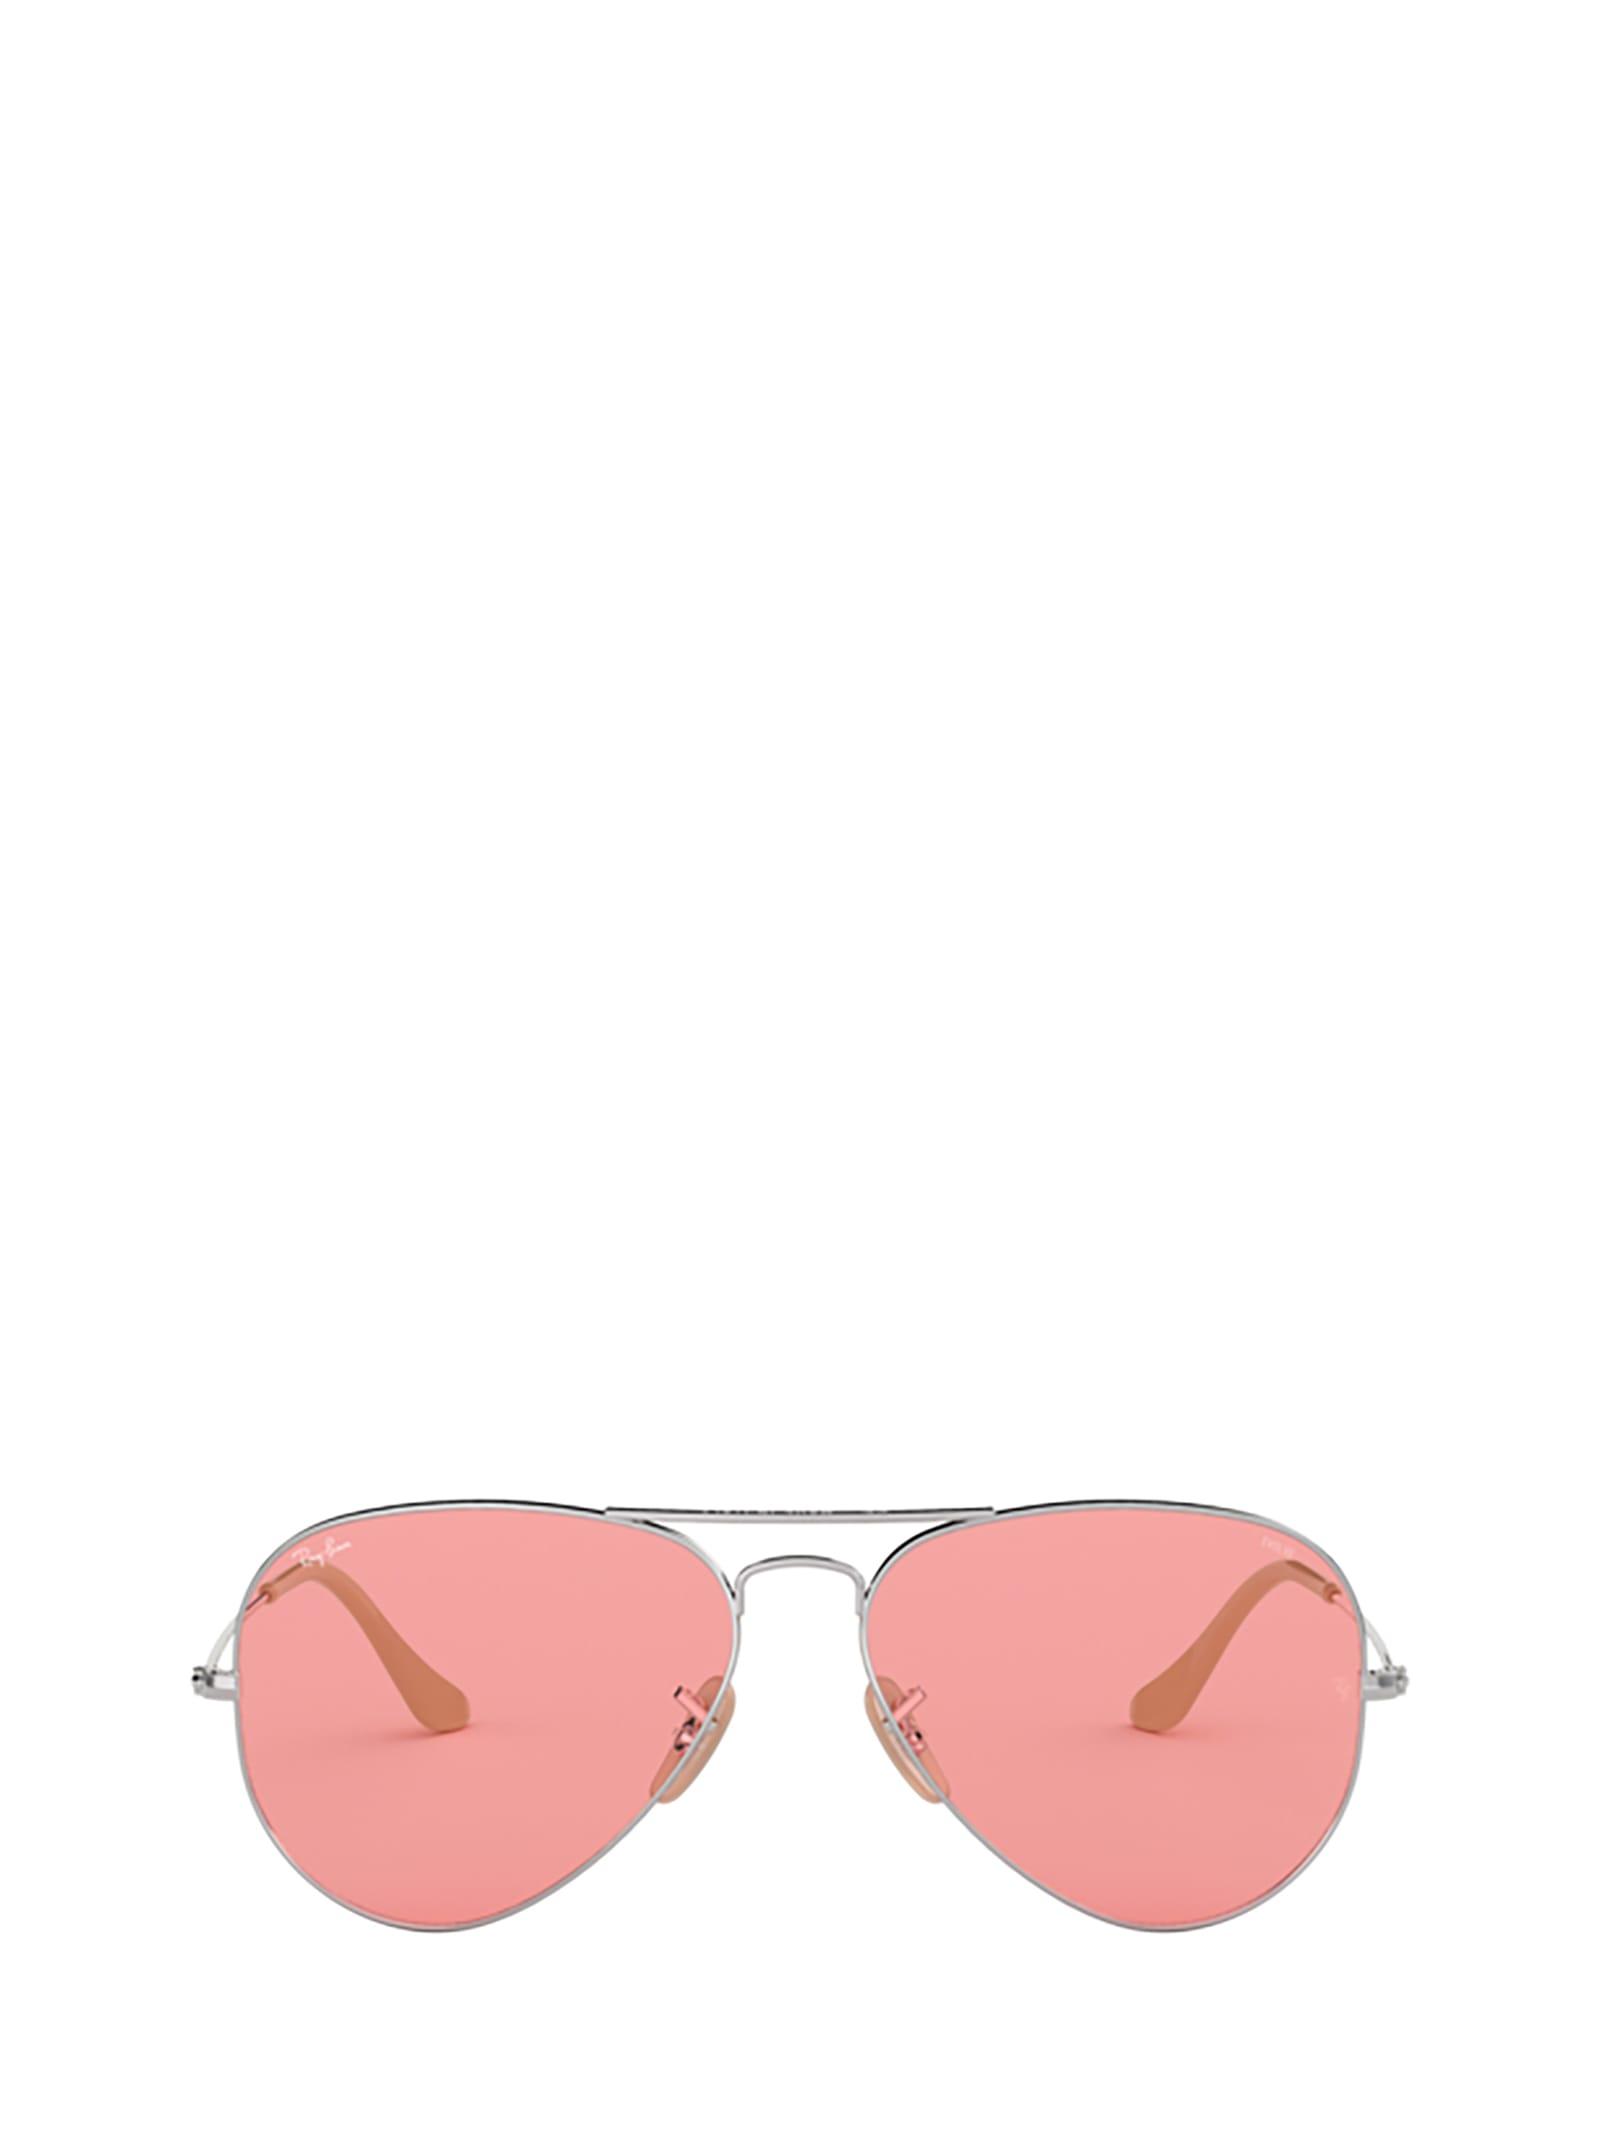 Ray-Ban Ray-ban Rb3025 Silver Sunglasses